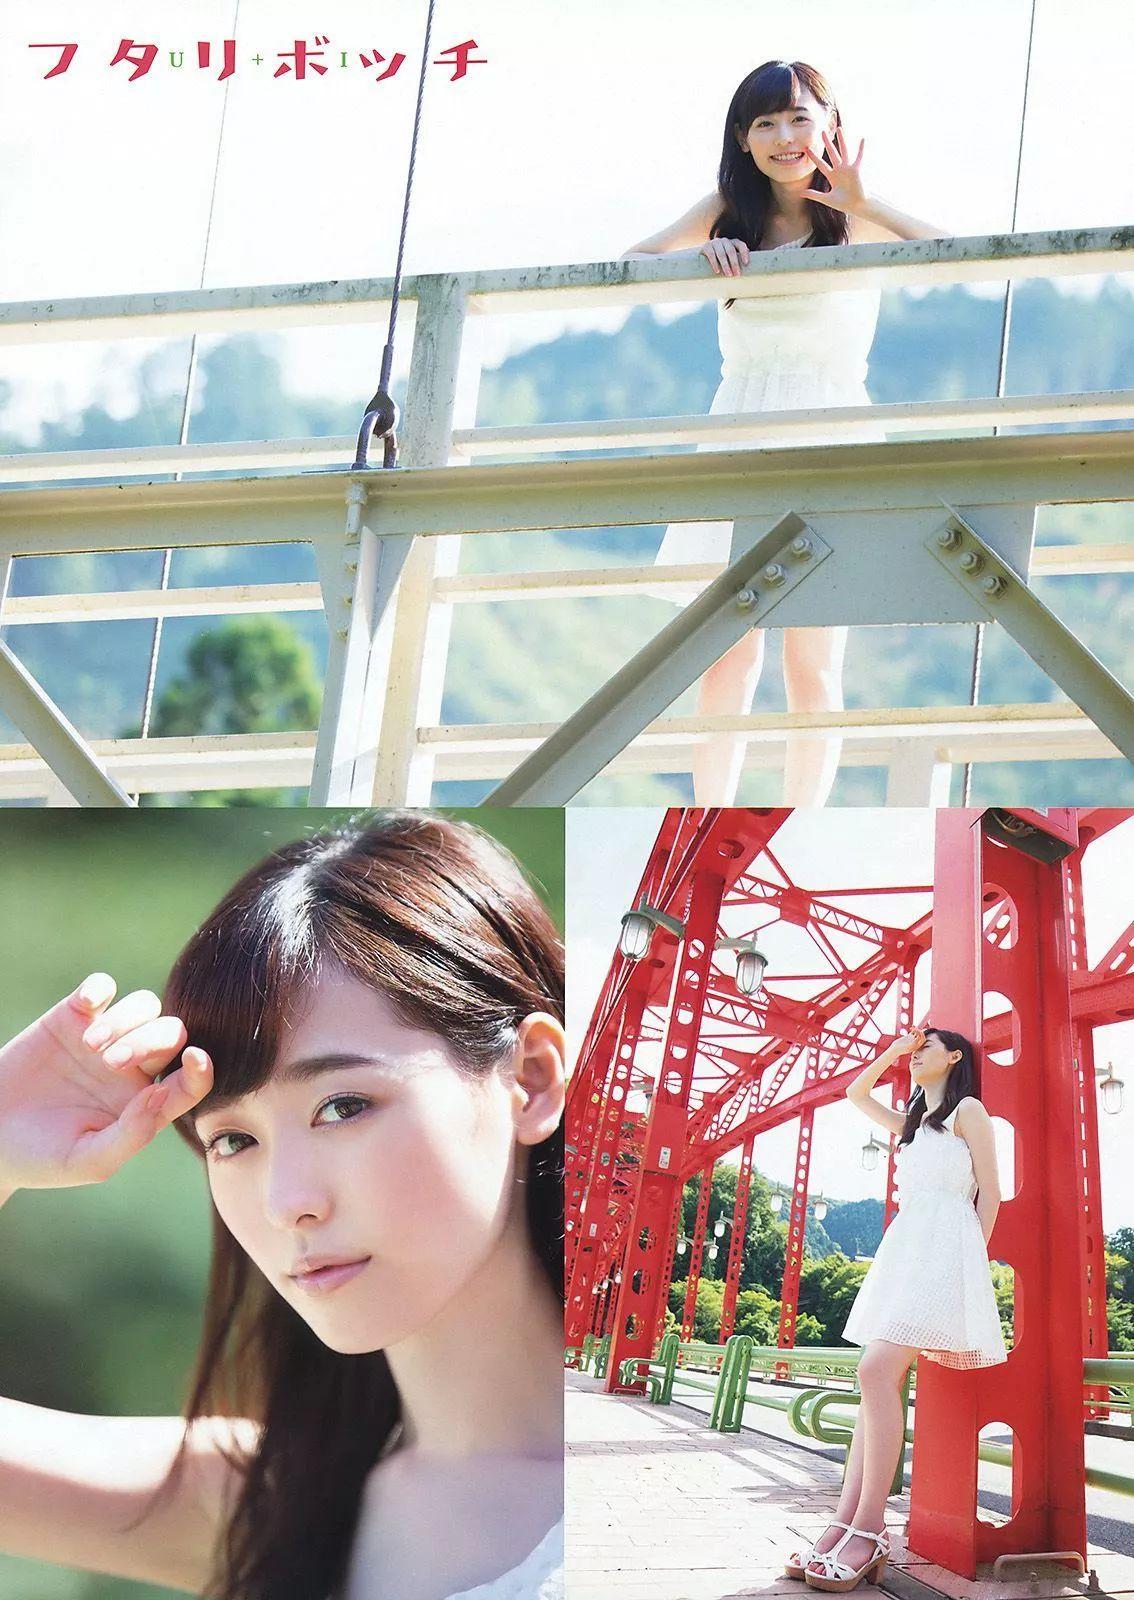 真的是甜到冒泡的美少女福原遥写真作品 (8)